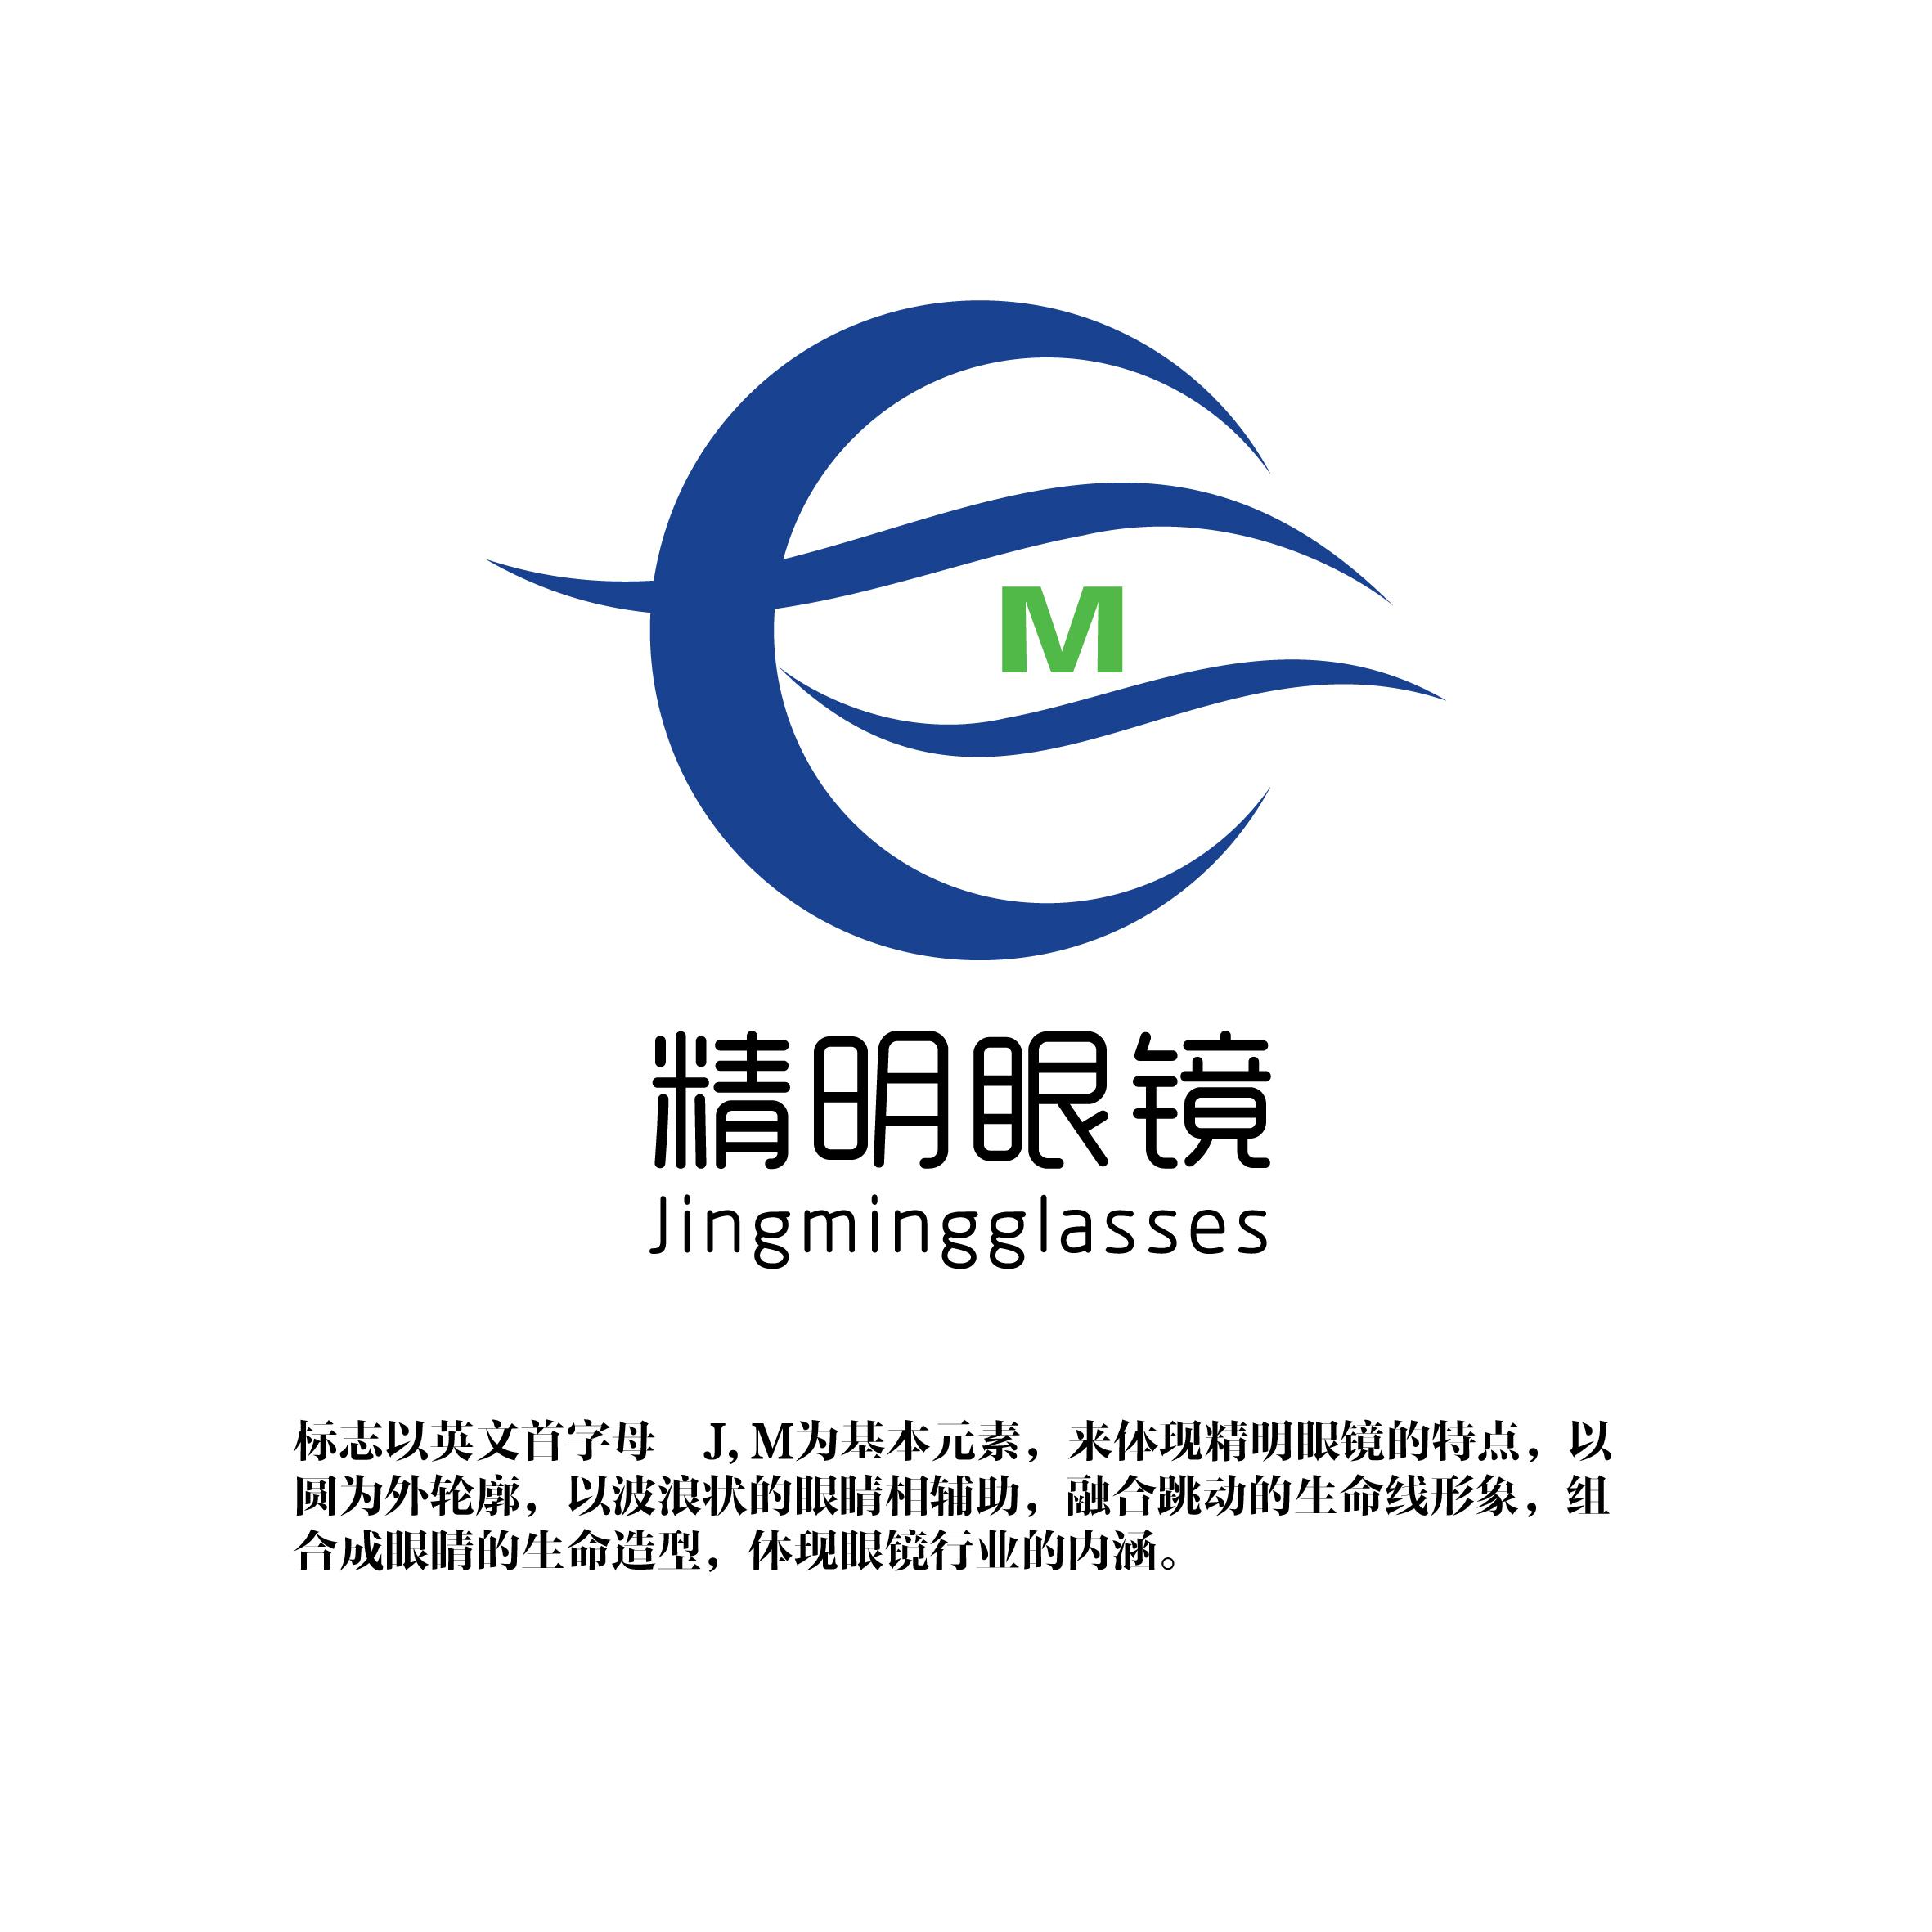 眼镜店logo及简单vi设计图片